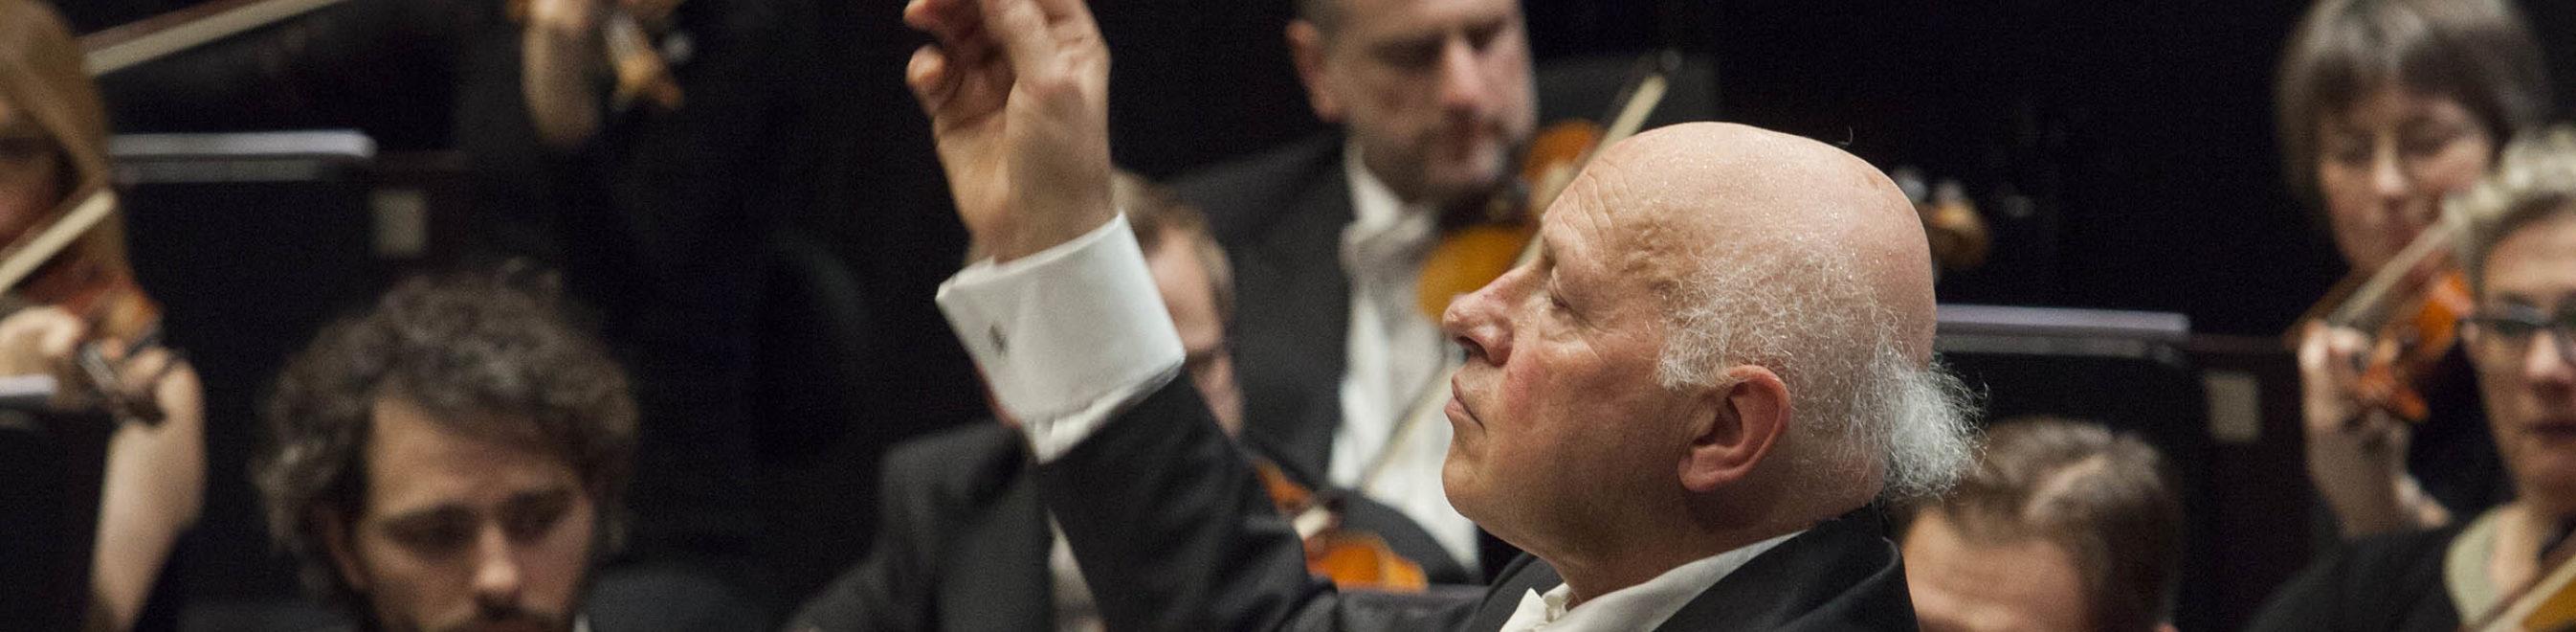 ORCHESTRA DEL MAGGIO MUSICALE FIORENTINO diretta dal M° Christ